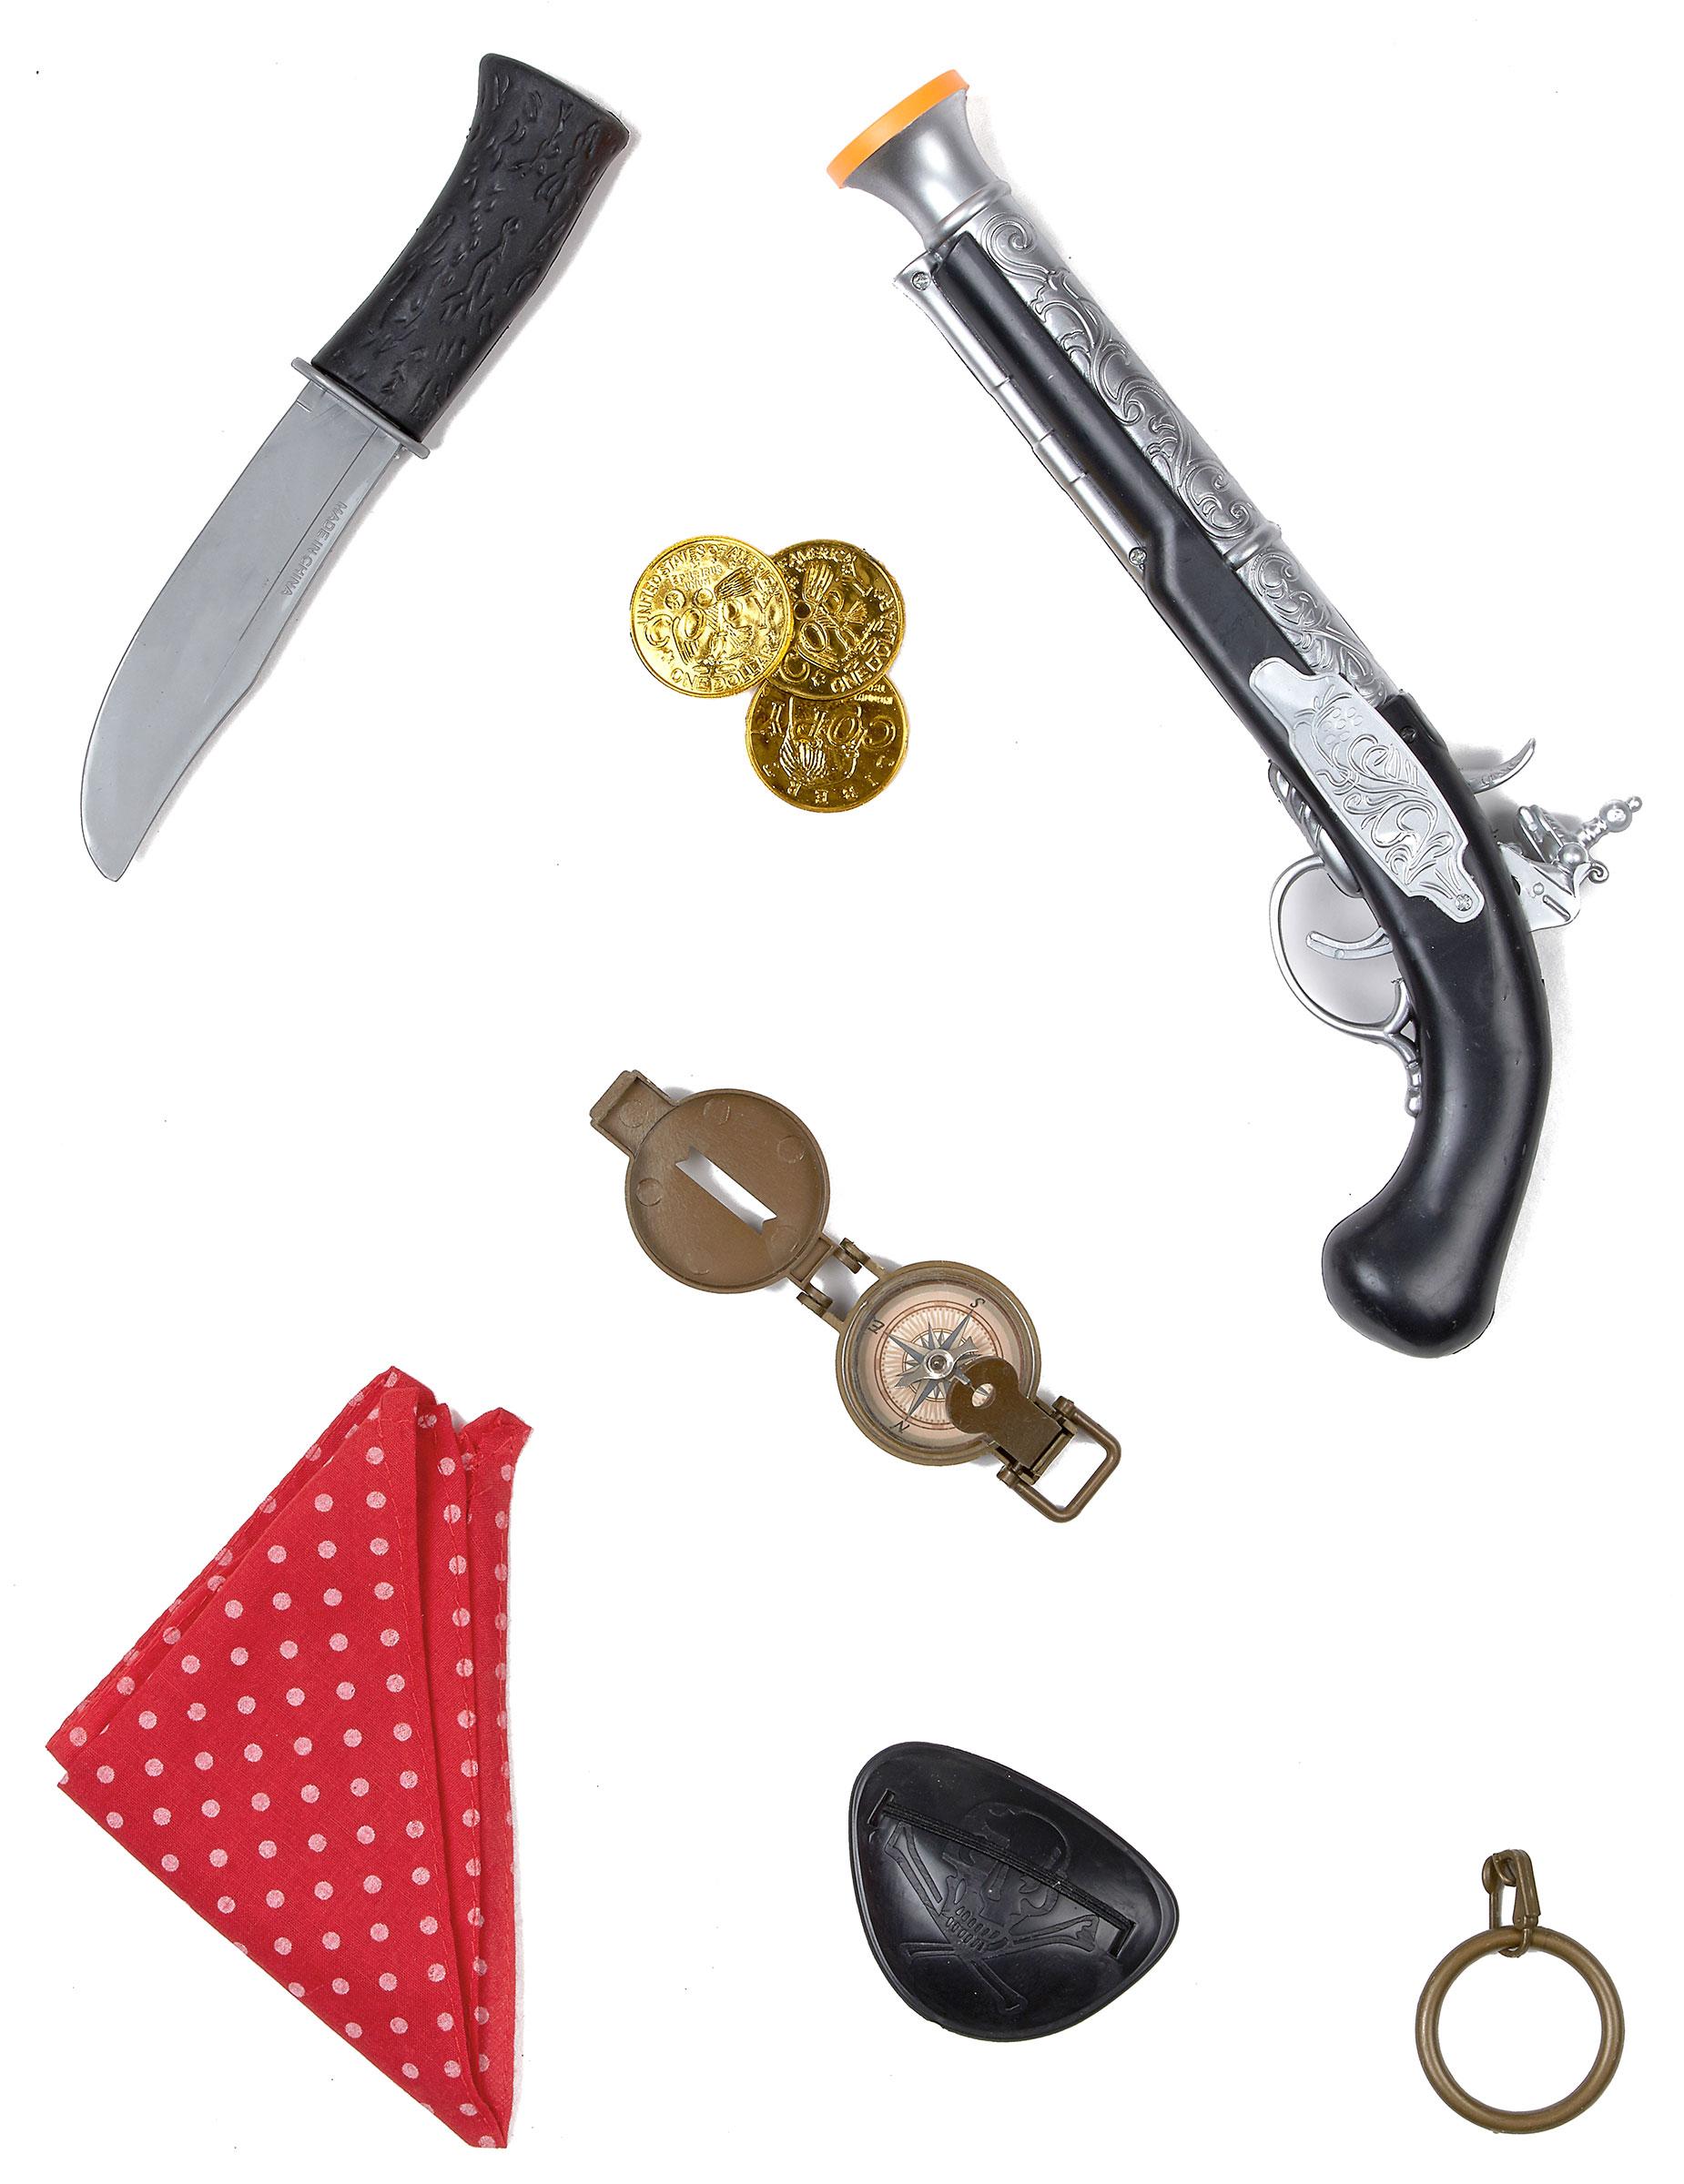 54b2c1a7f58 Kit accessoires pirate enfant   Deguise-toi